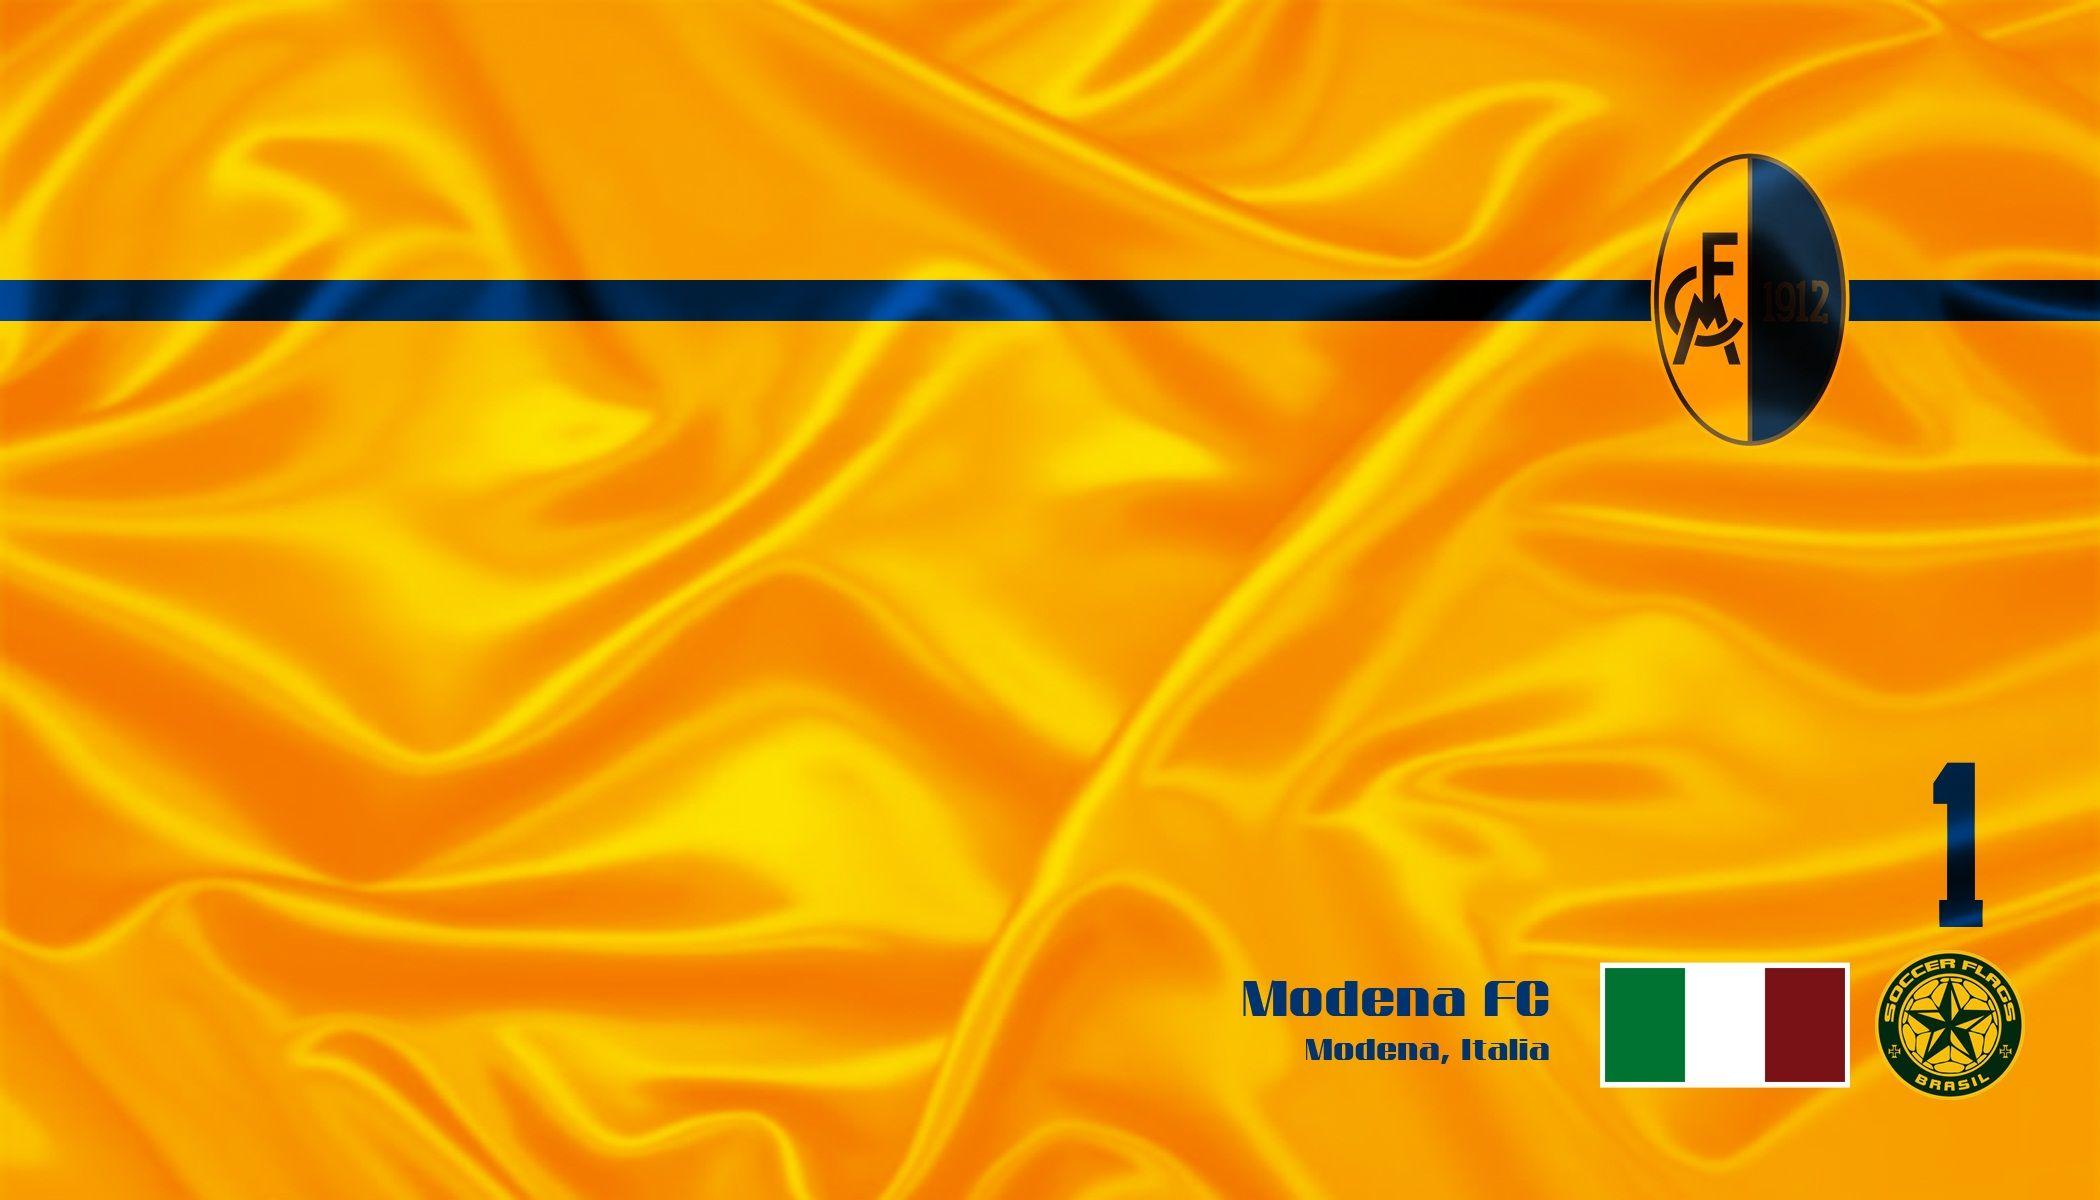 Modena FC - Veja mais Wallpapers e baixe de graça em nosso Blog http://soccerflags.blogspot.com.br